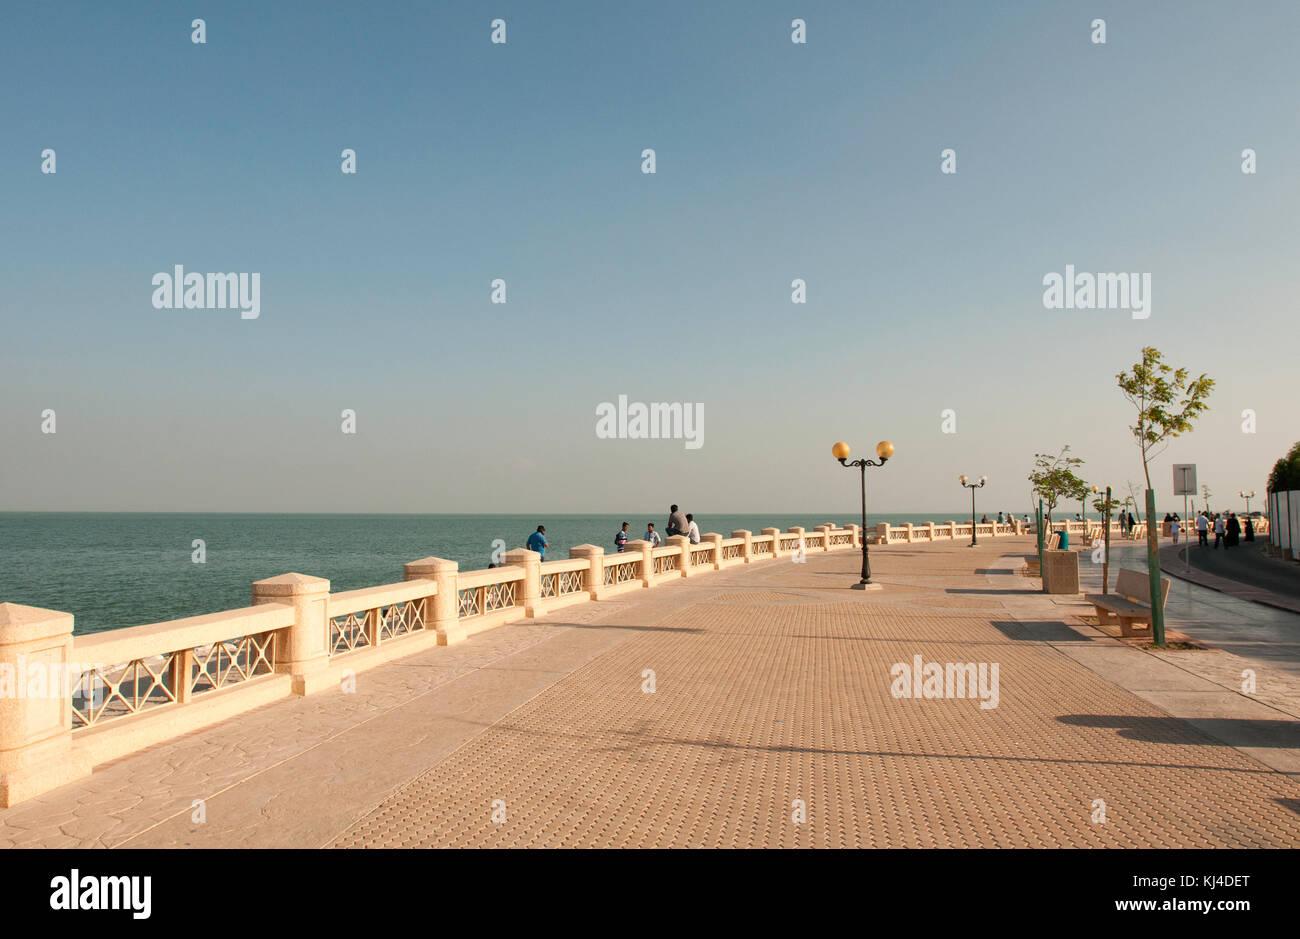 The Corniche in Dammam, Saudi Arabia - Stock Image